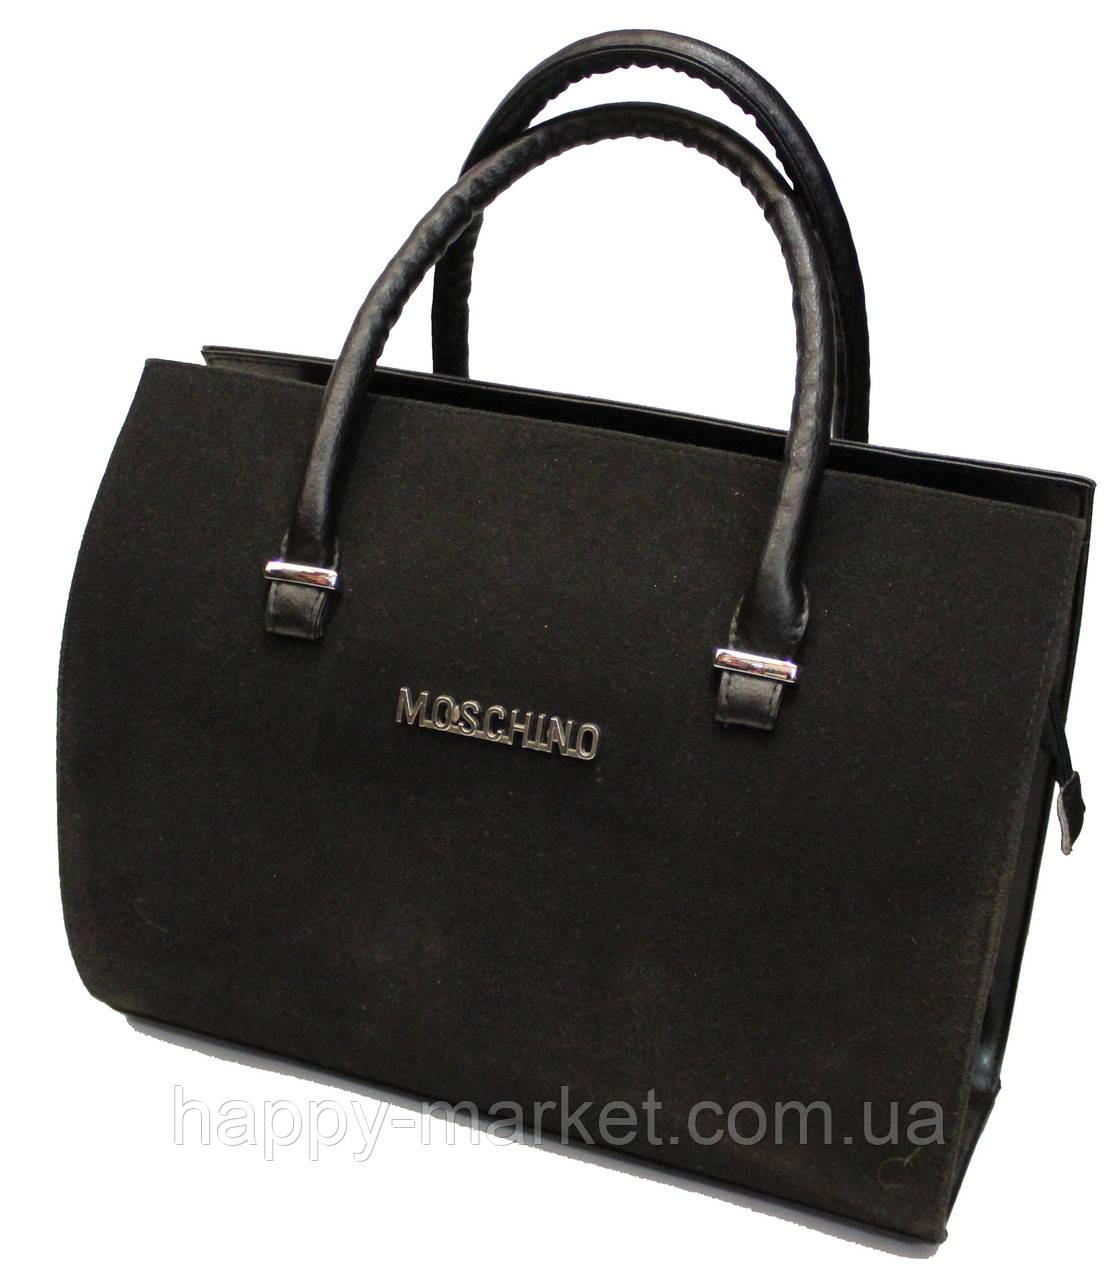 Сумка женская классическая Moschino замшевая 211-3